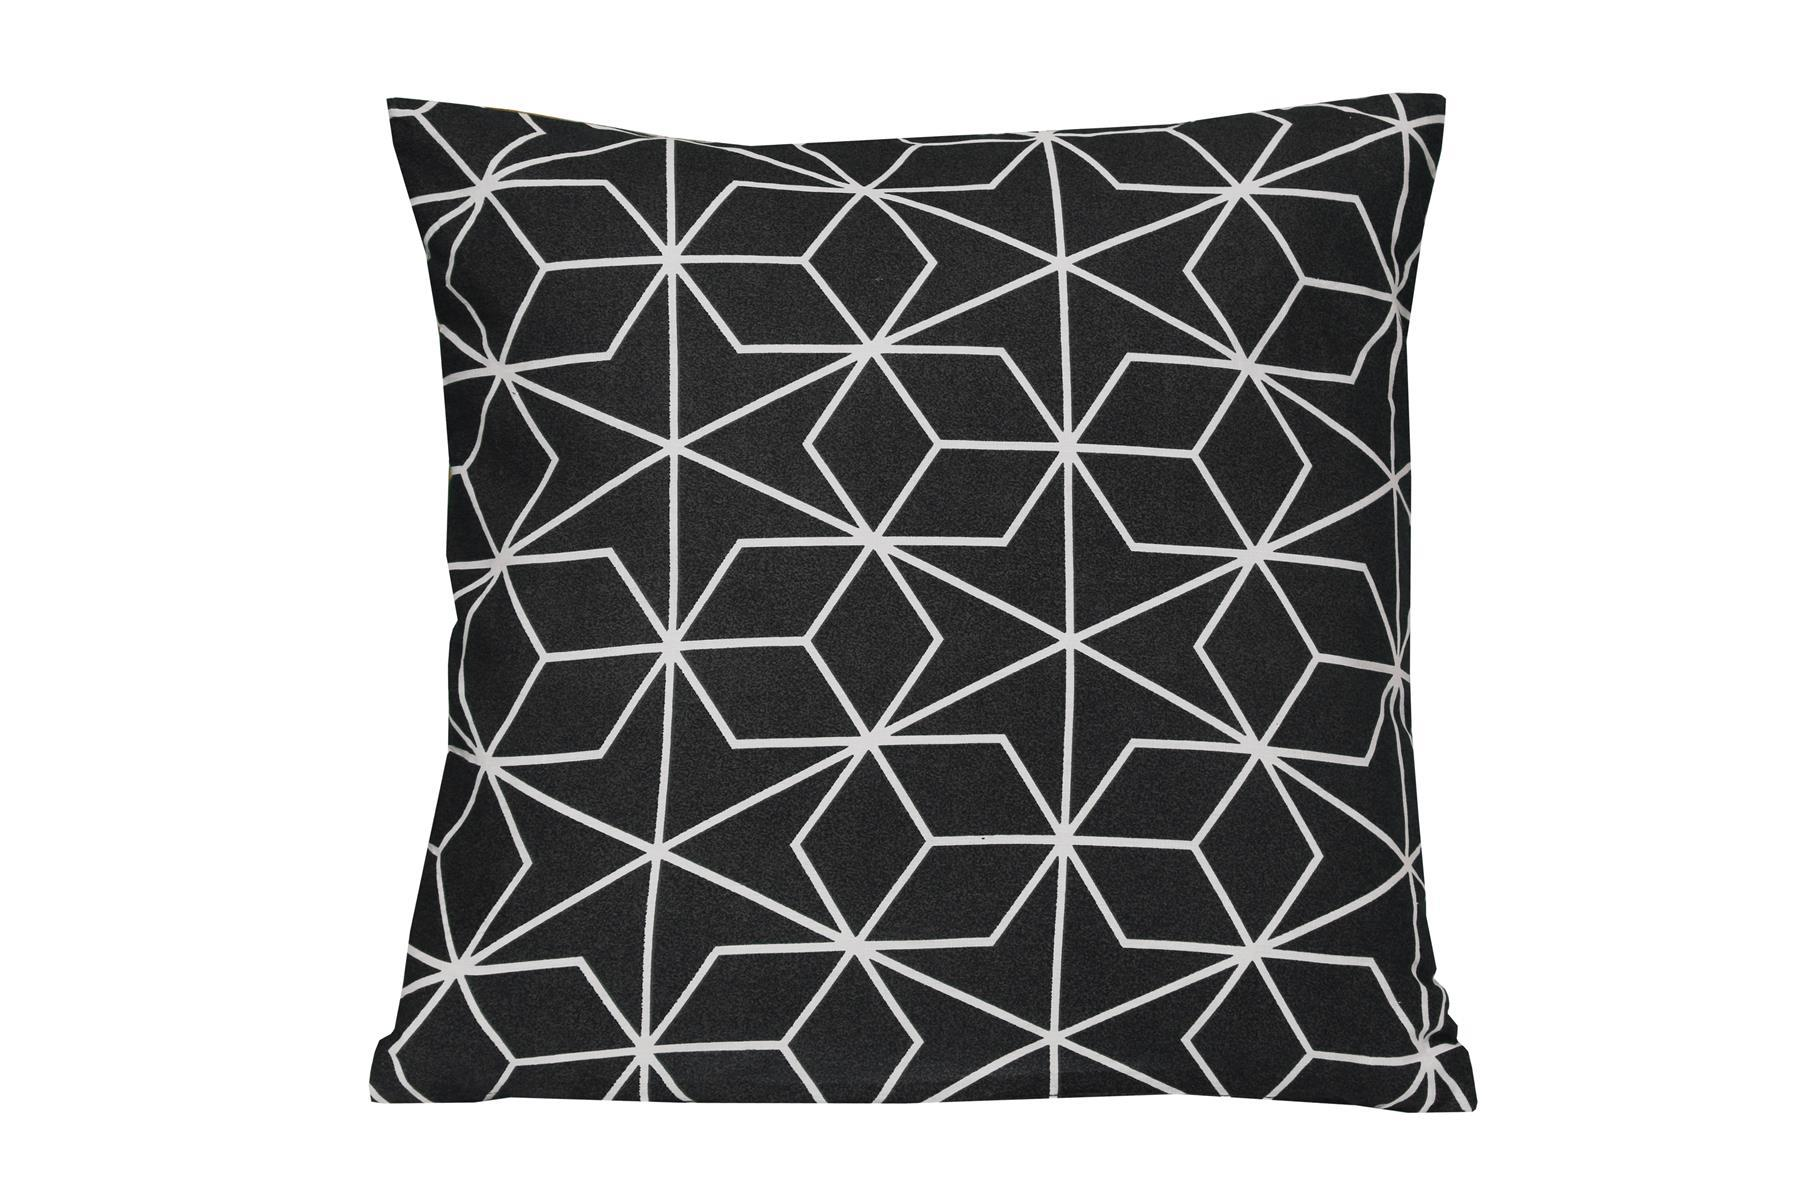 Geometrique-Housse-De-Couette-100-Coton-Couette-Douce-Literie-Simple-Double-King-Taille miniature 39